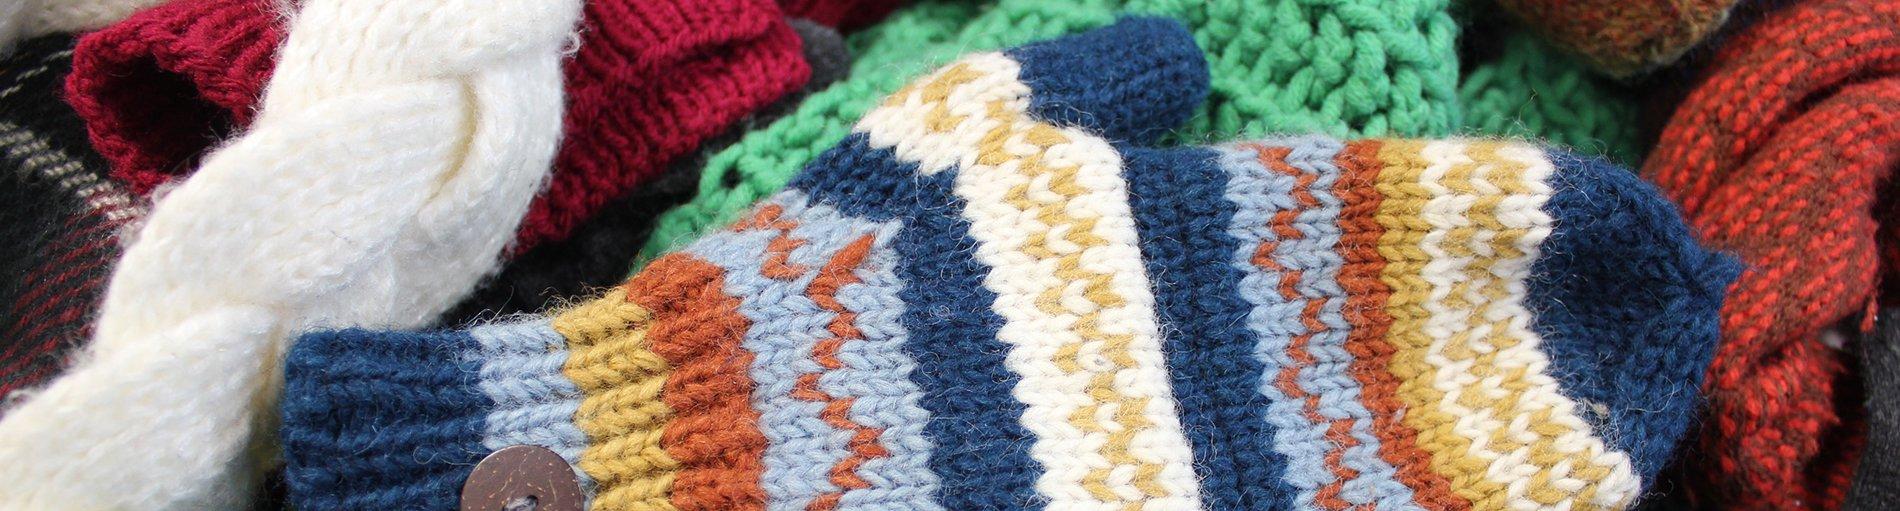 Wollhandschuhe und Schal